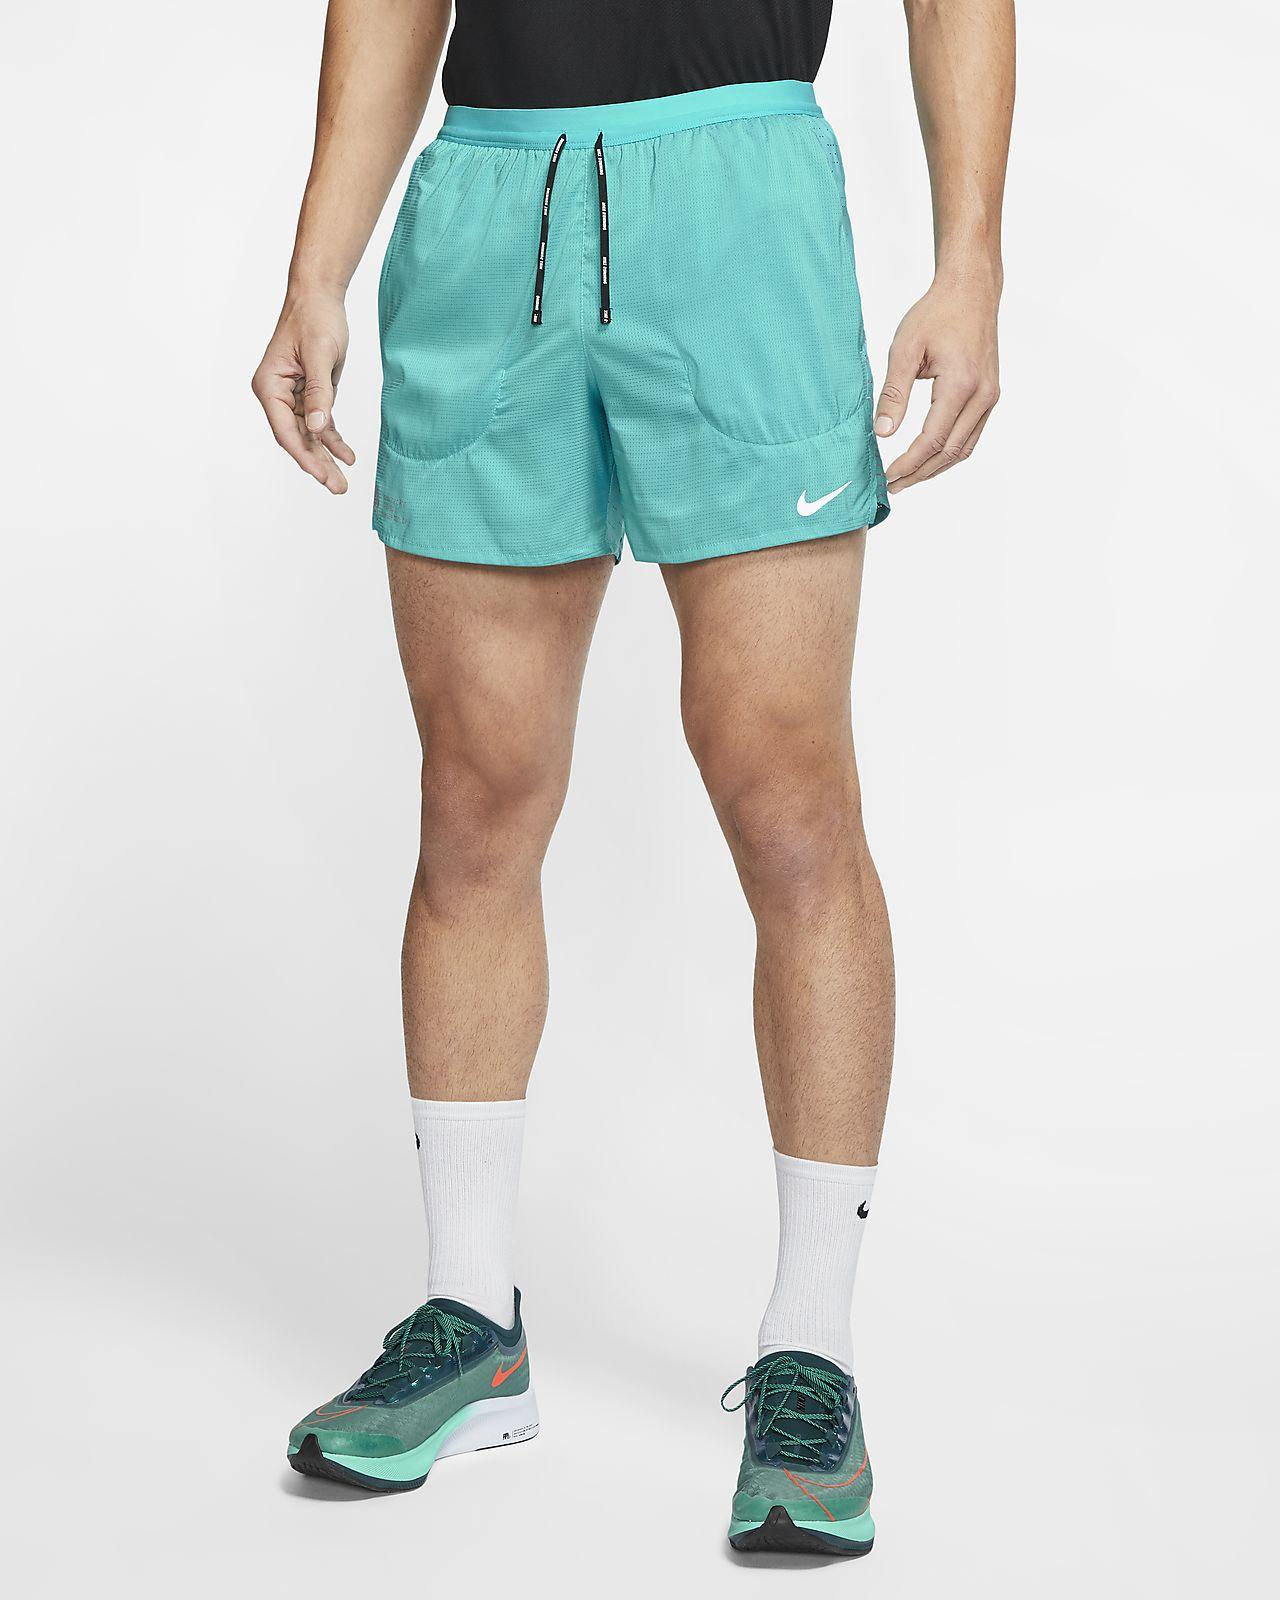 Męskie spodenki do biegania z szortami 13 cm Nike Flex Stride Future Fast